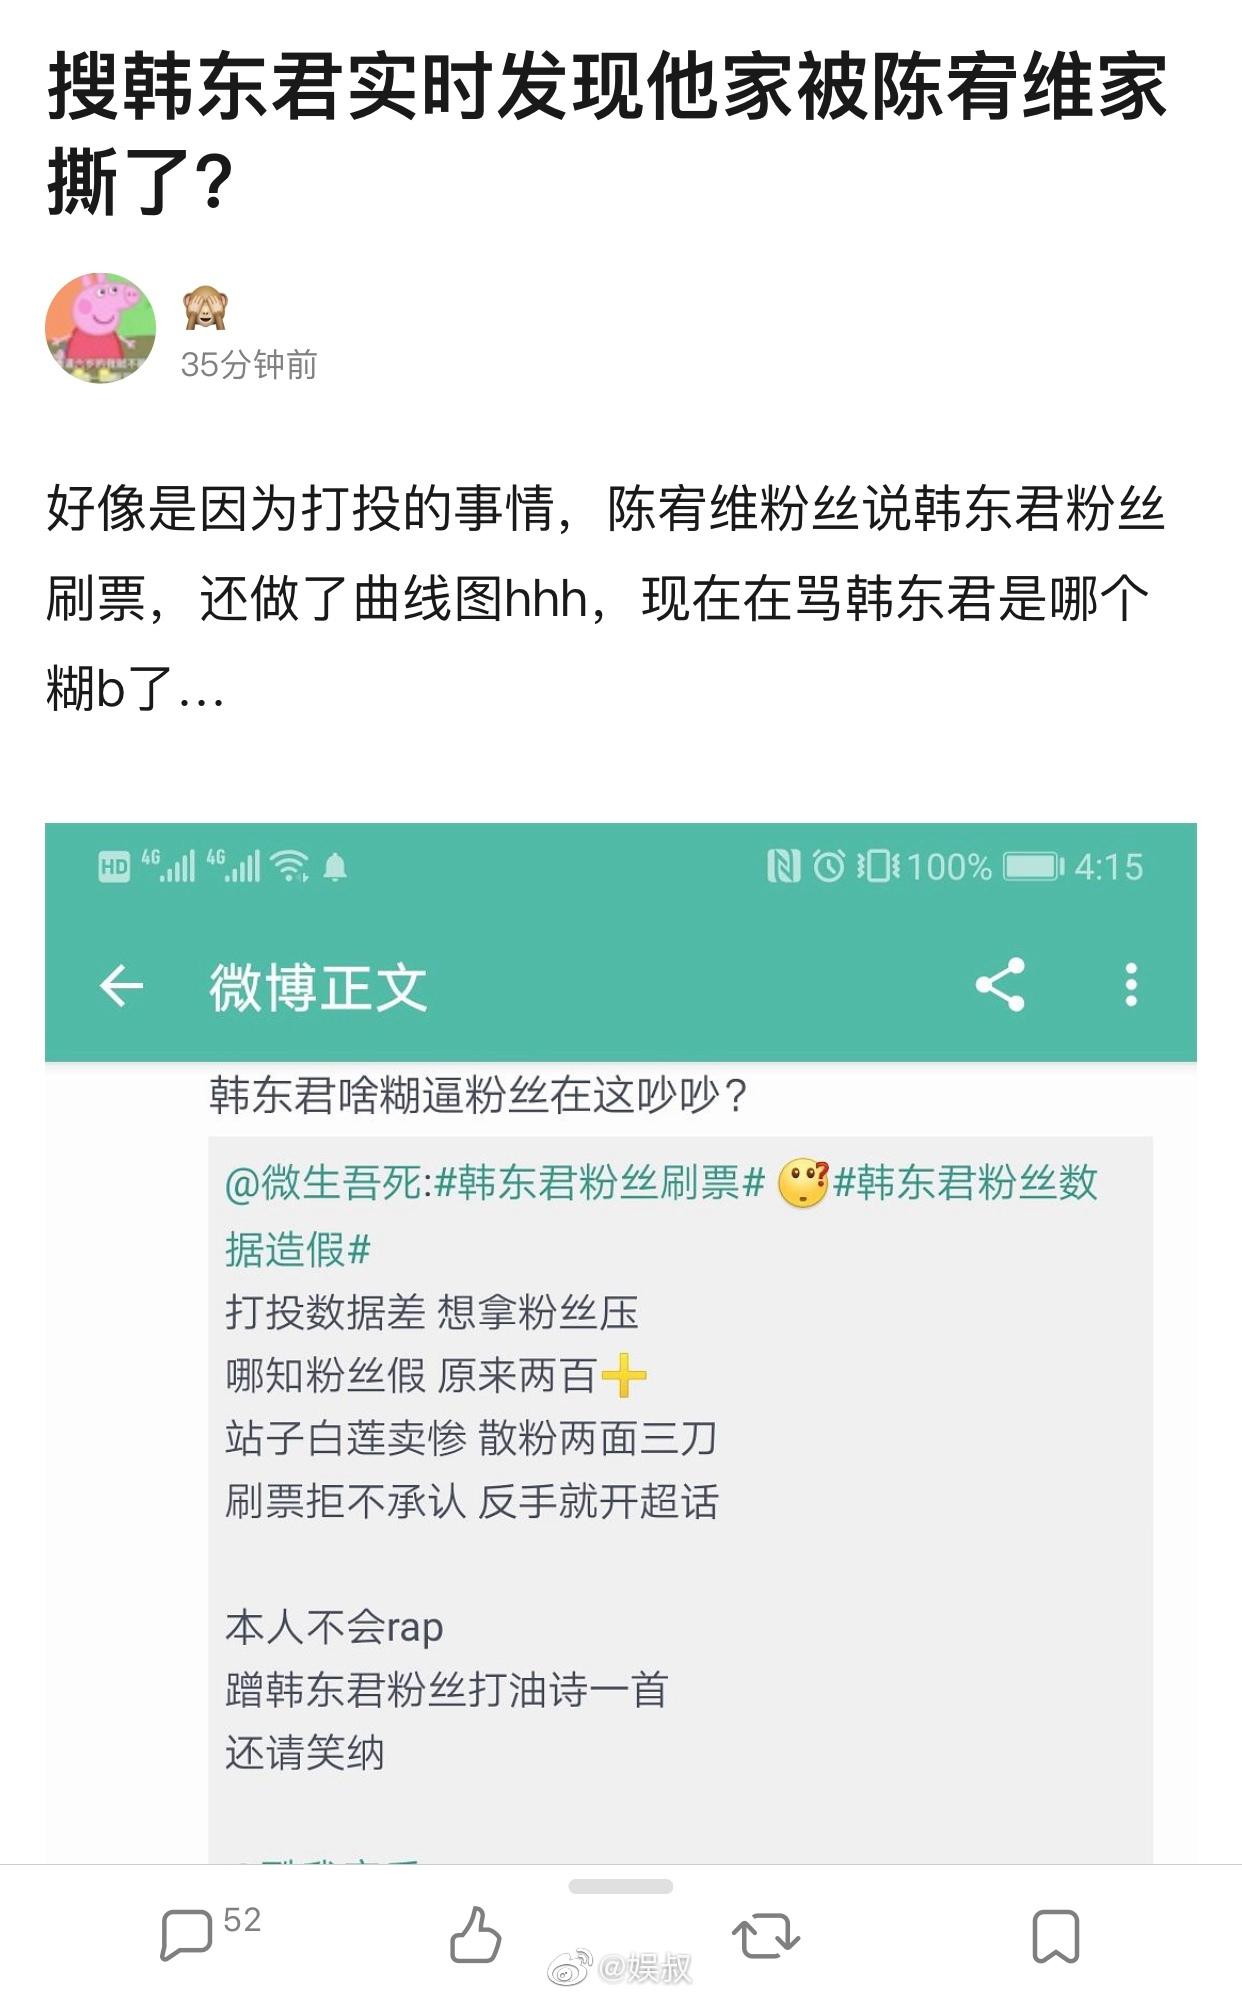 陈宥维粉丝开撕韩东君粉丝,陈宥维粉丝表示韩东君粉丝刷票打投